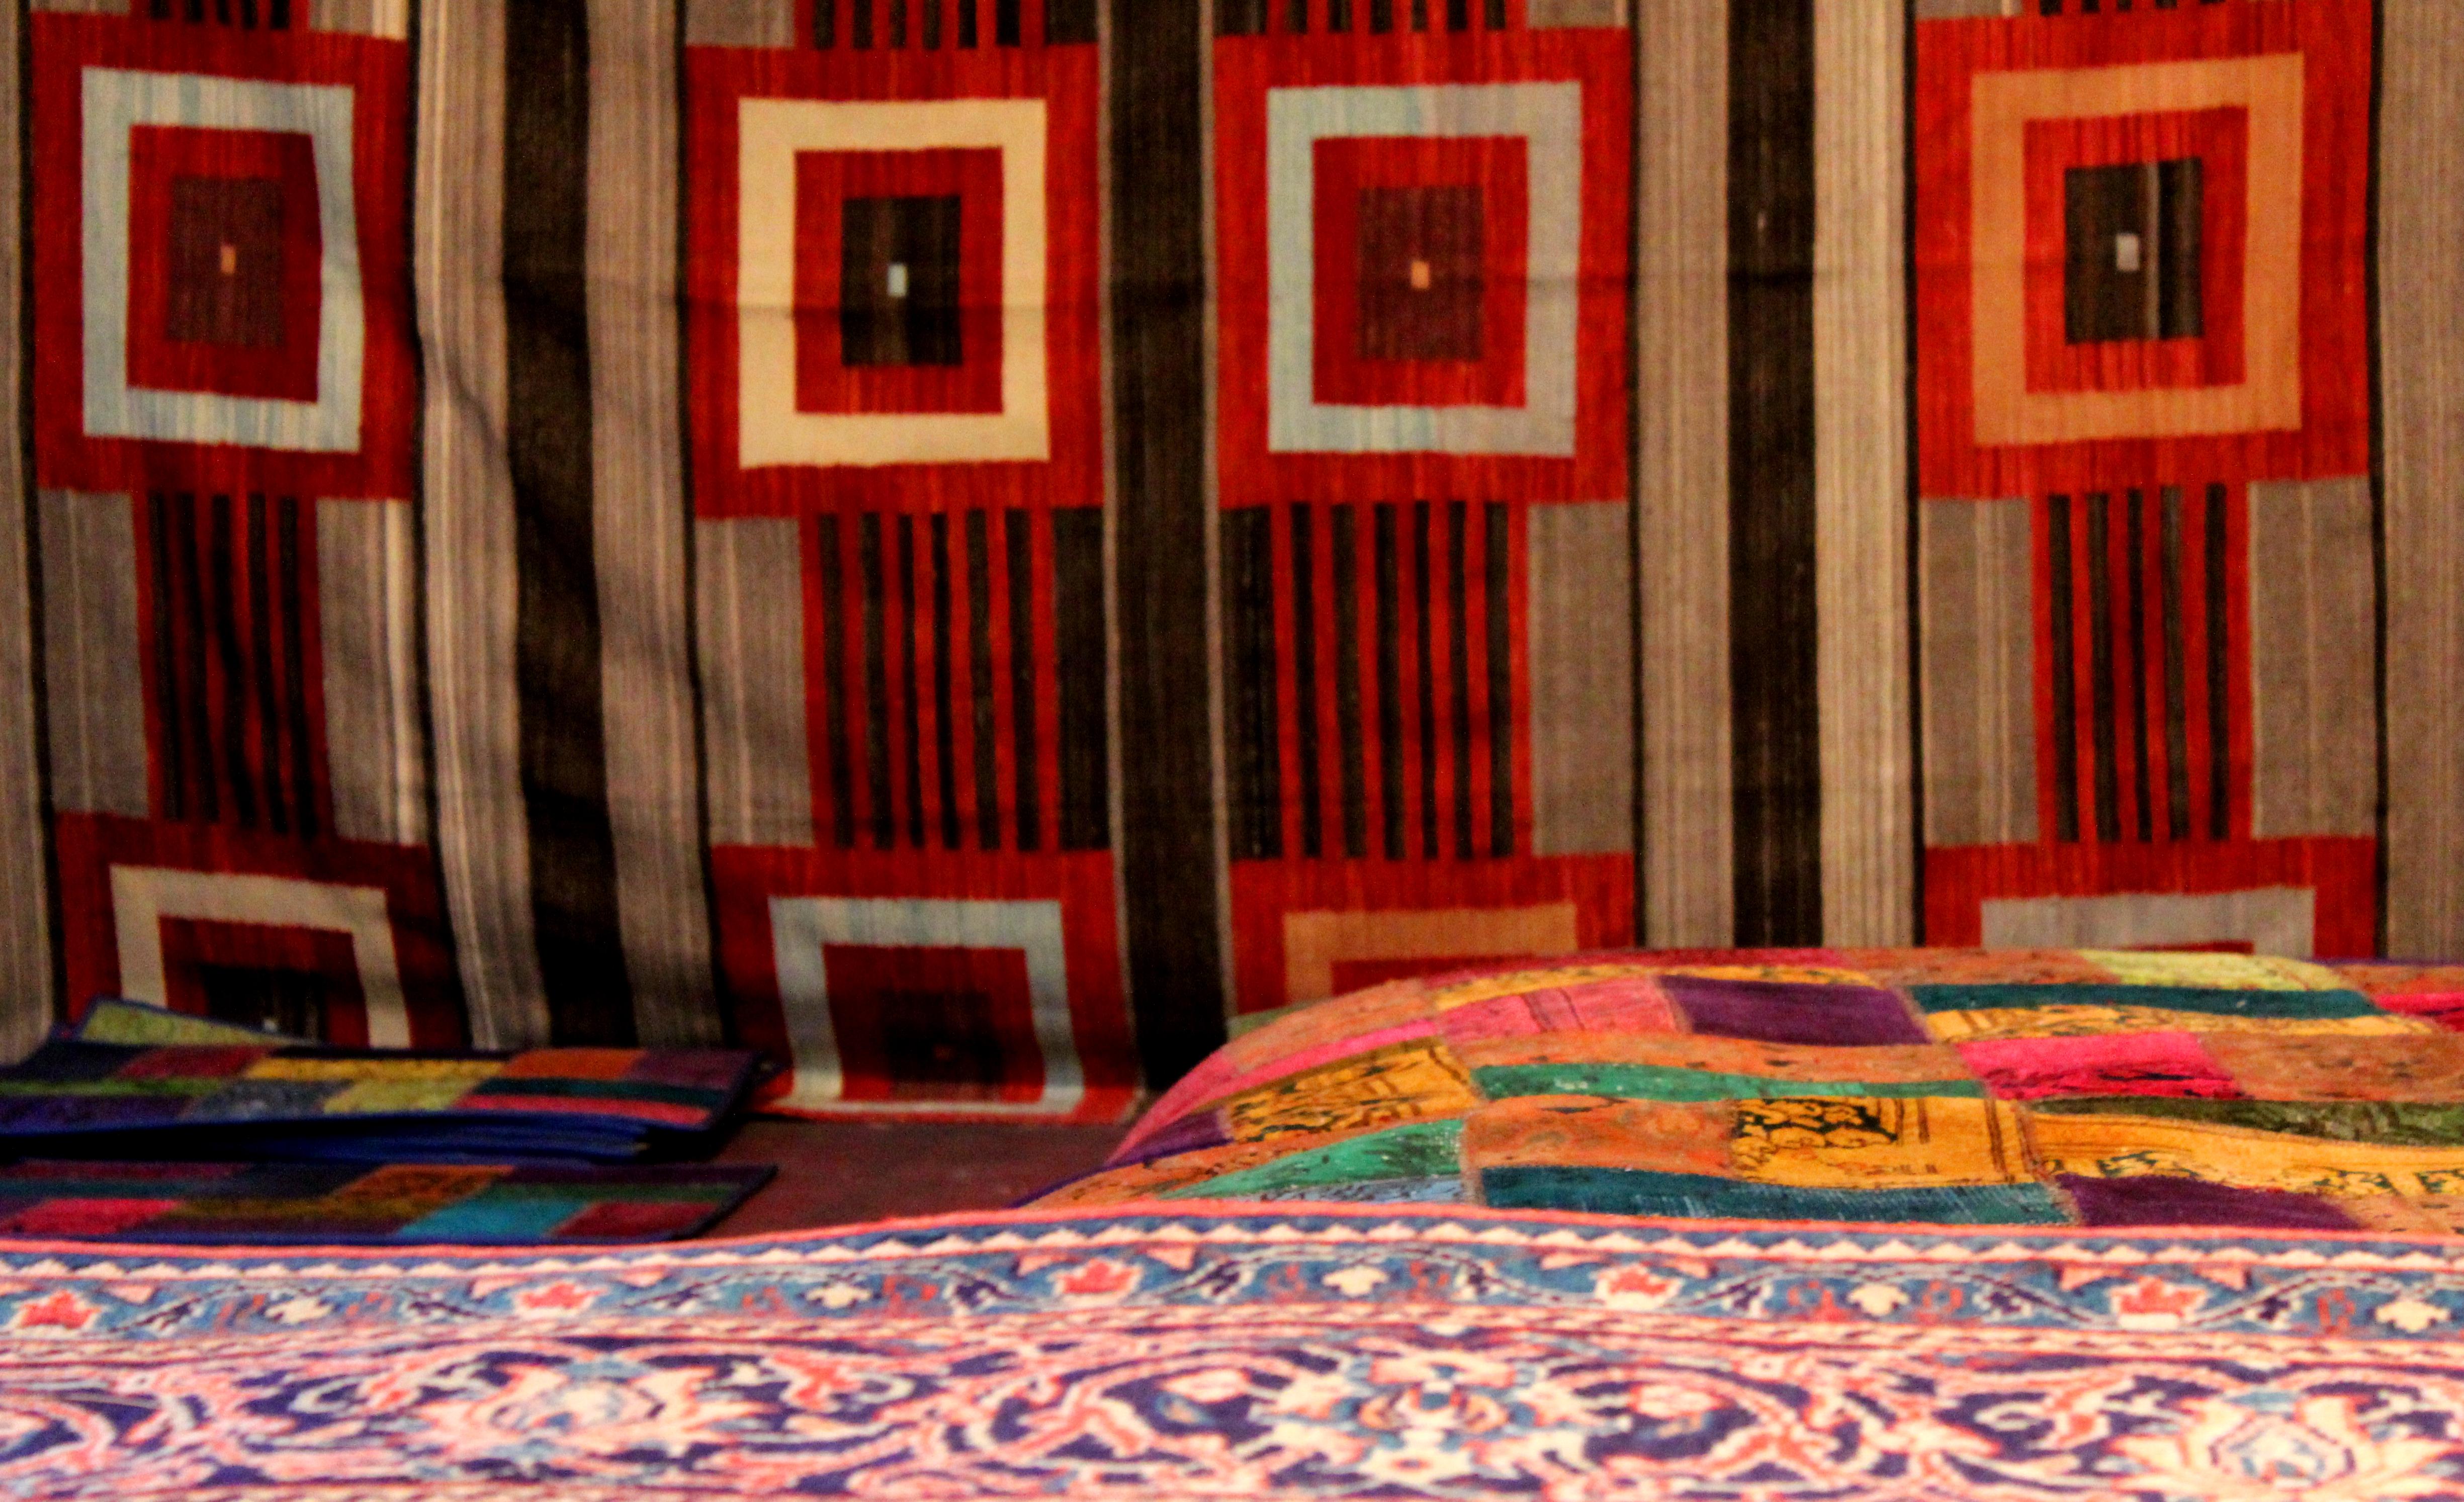 orientteppiche in der speicherstadt globushamburg. Black Bedroom Furniture Sets. Home Design Ideas